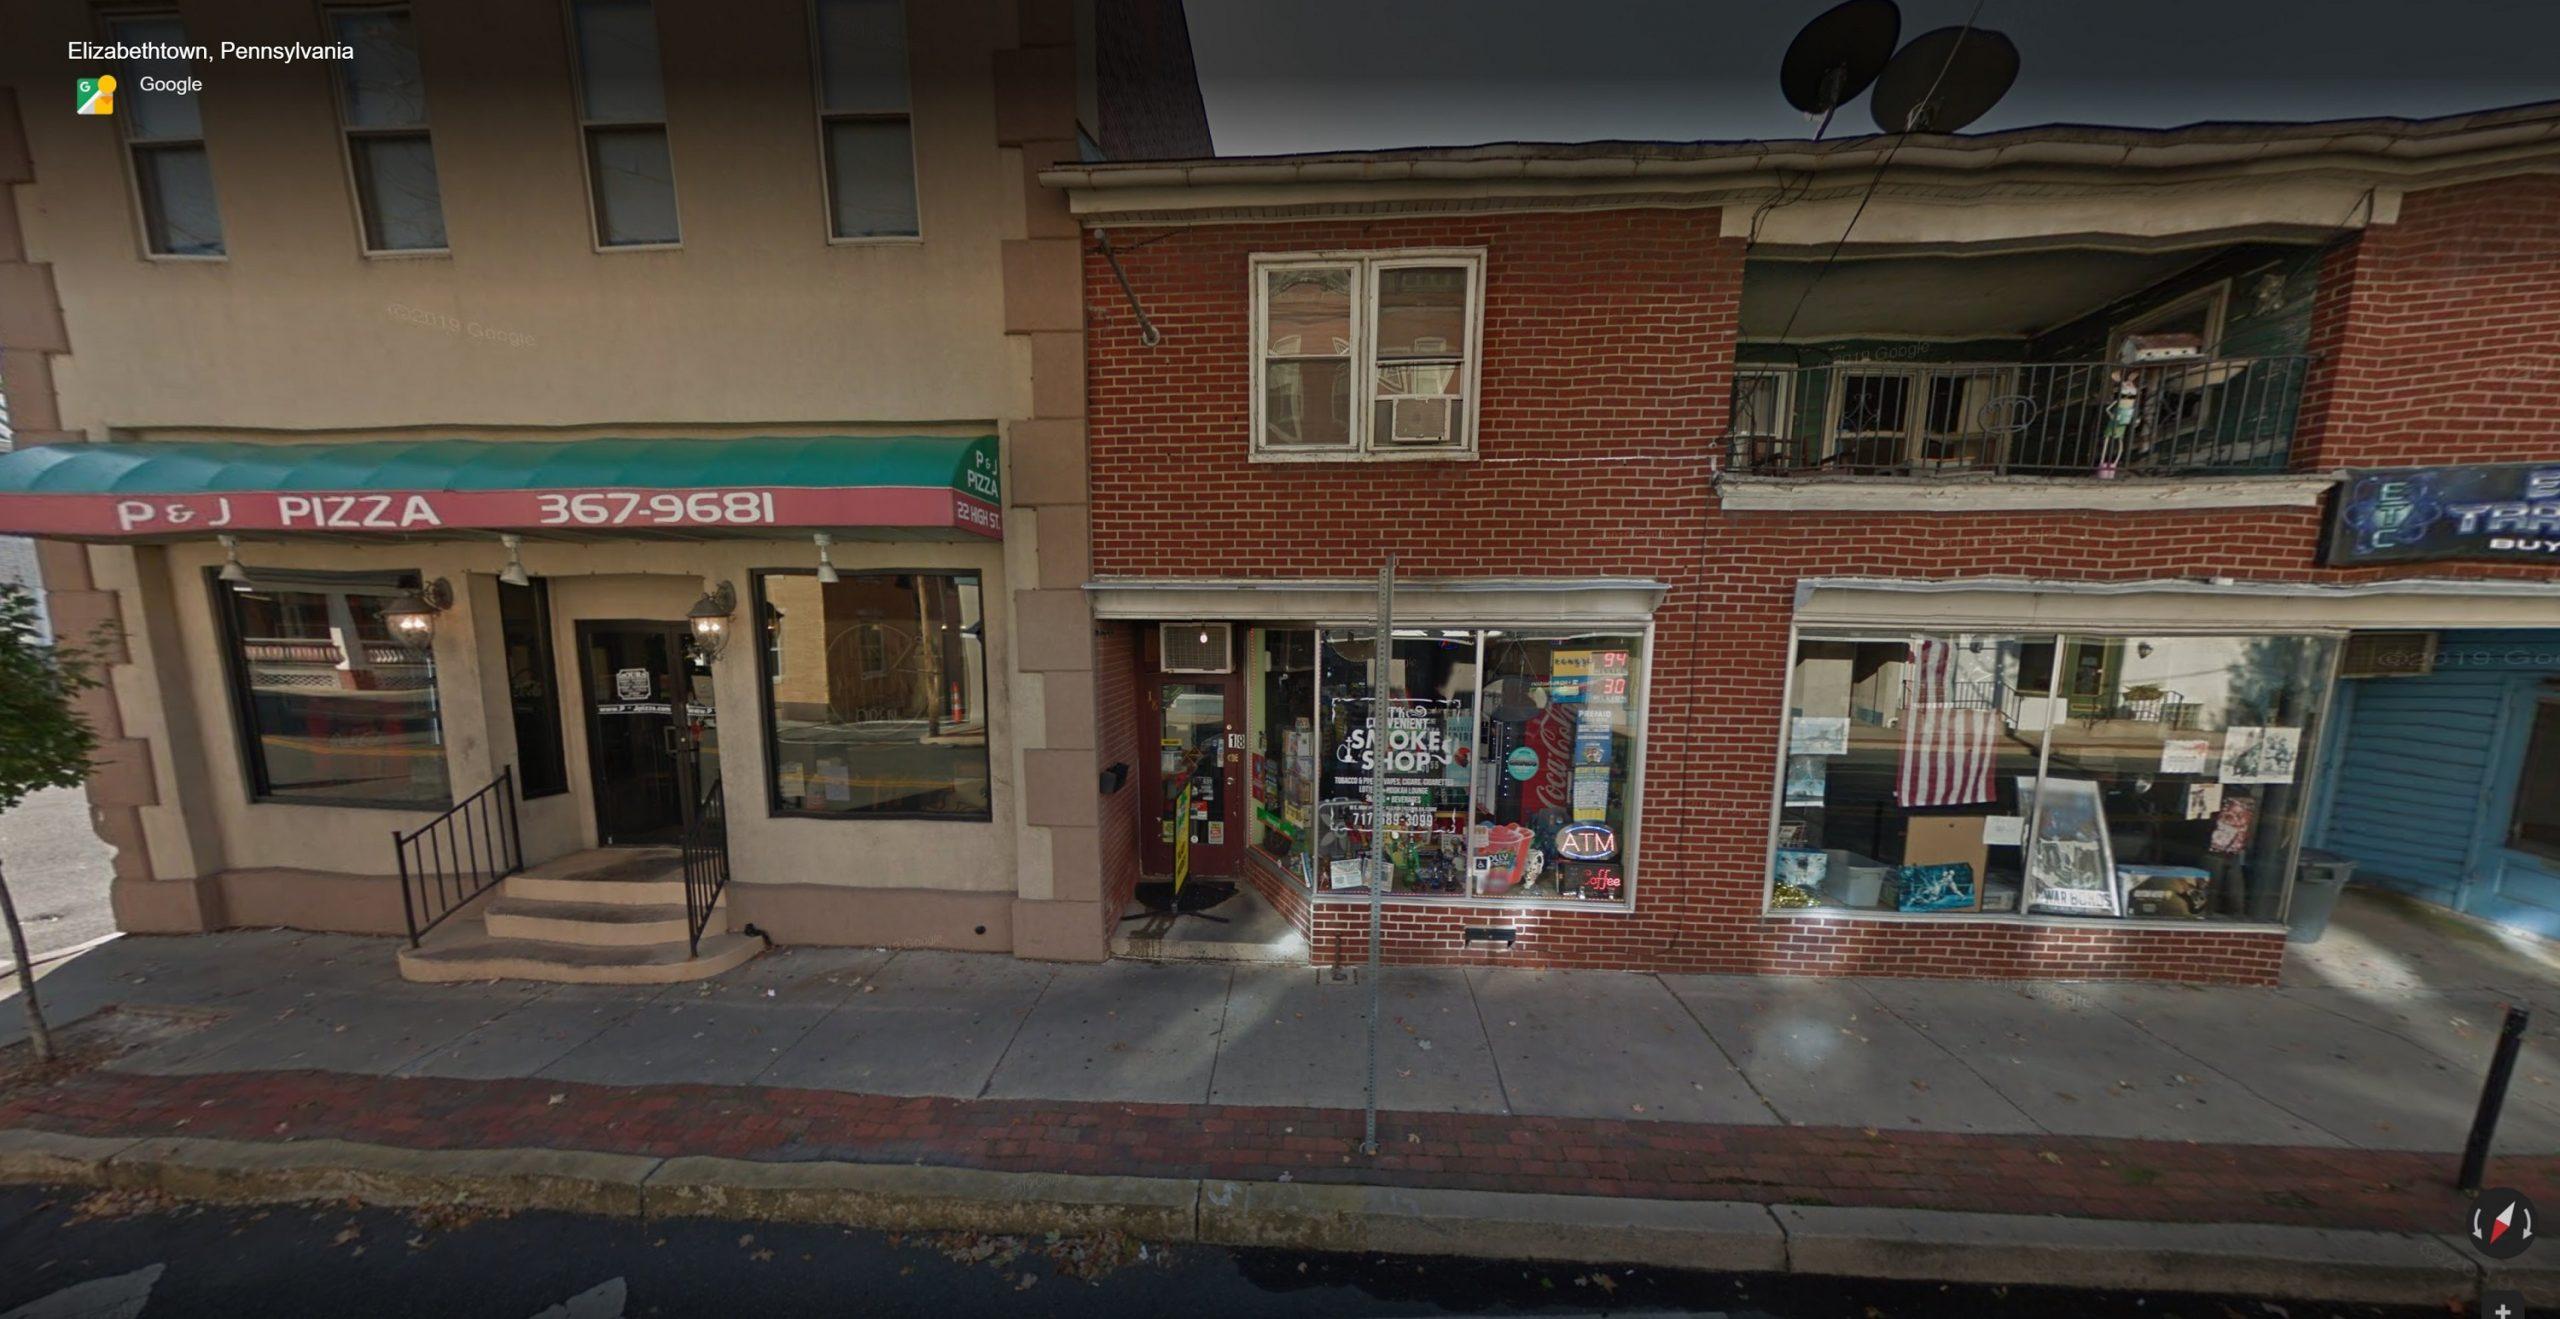 TK's Convenient Smoke Shop 18 E High St, Elizabethtown, PA 17022 Hippo Kiosk Bitcoin ATM